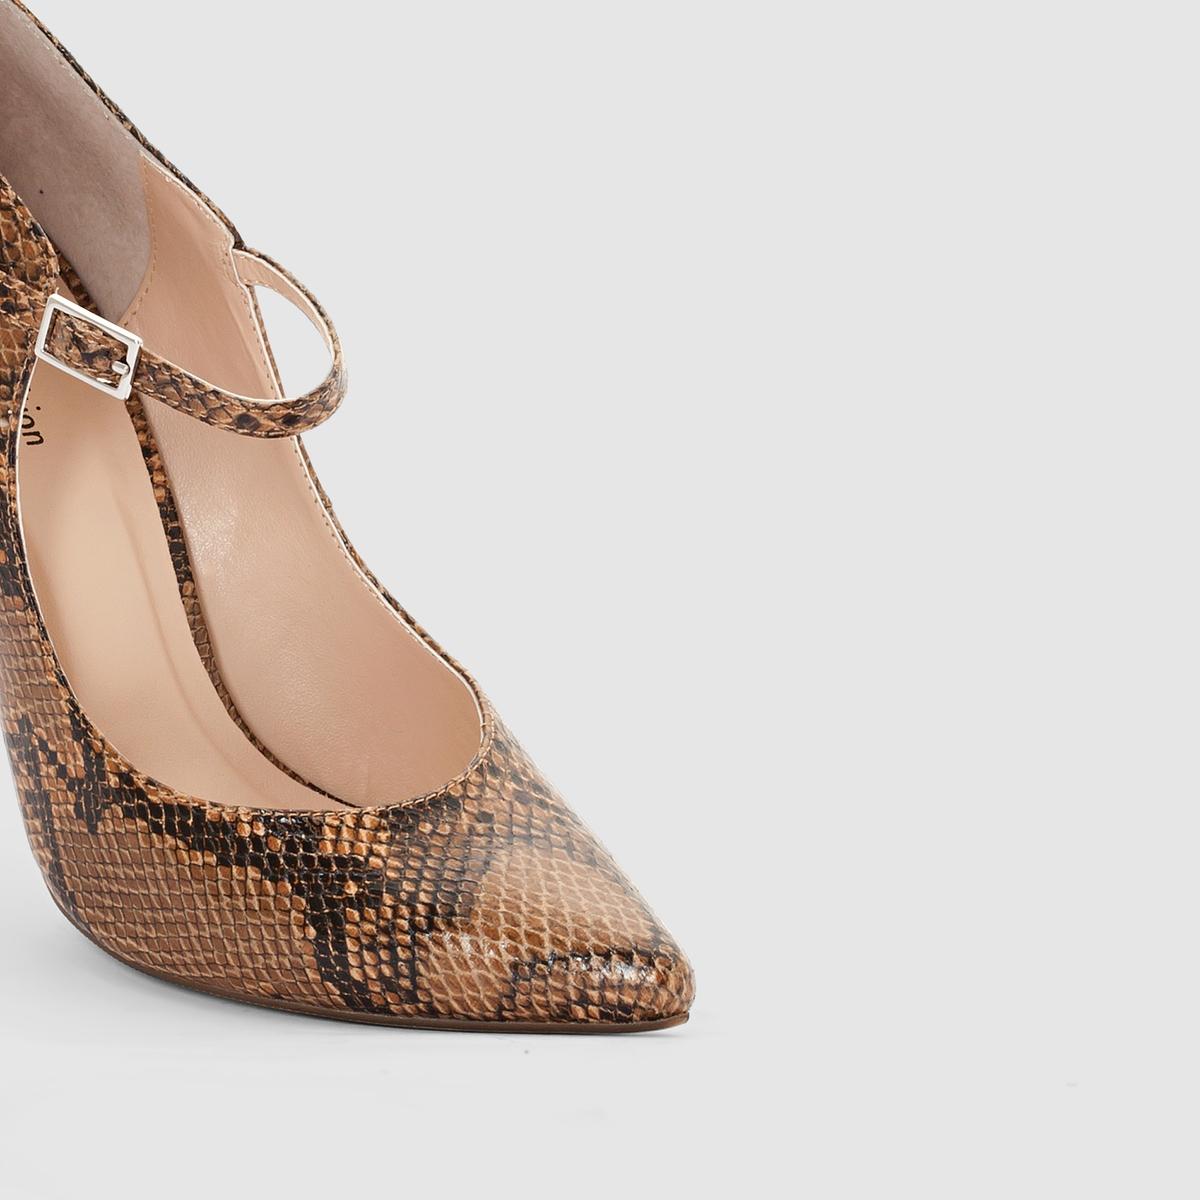 Туфли с пряжкой и рисунком под кожу питонаМарка :      R ?ditionВерх : синтетика.Подкладка : синтетика.Стелька : синтетика.Подошва : из эластомераВысота каблука : 10,5 cм  Форма каблука: тонкийМысок : заострённыйПреимущества : женственная модель и высокий каблук создадут ошеломляющий силуэтМы советуем выбирать обувь на размер больше, чем ваш обычный размер<br><br>Цвет: под питона<br>Размер: 39.40